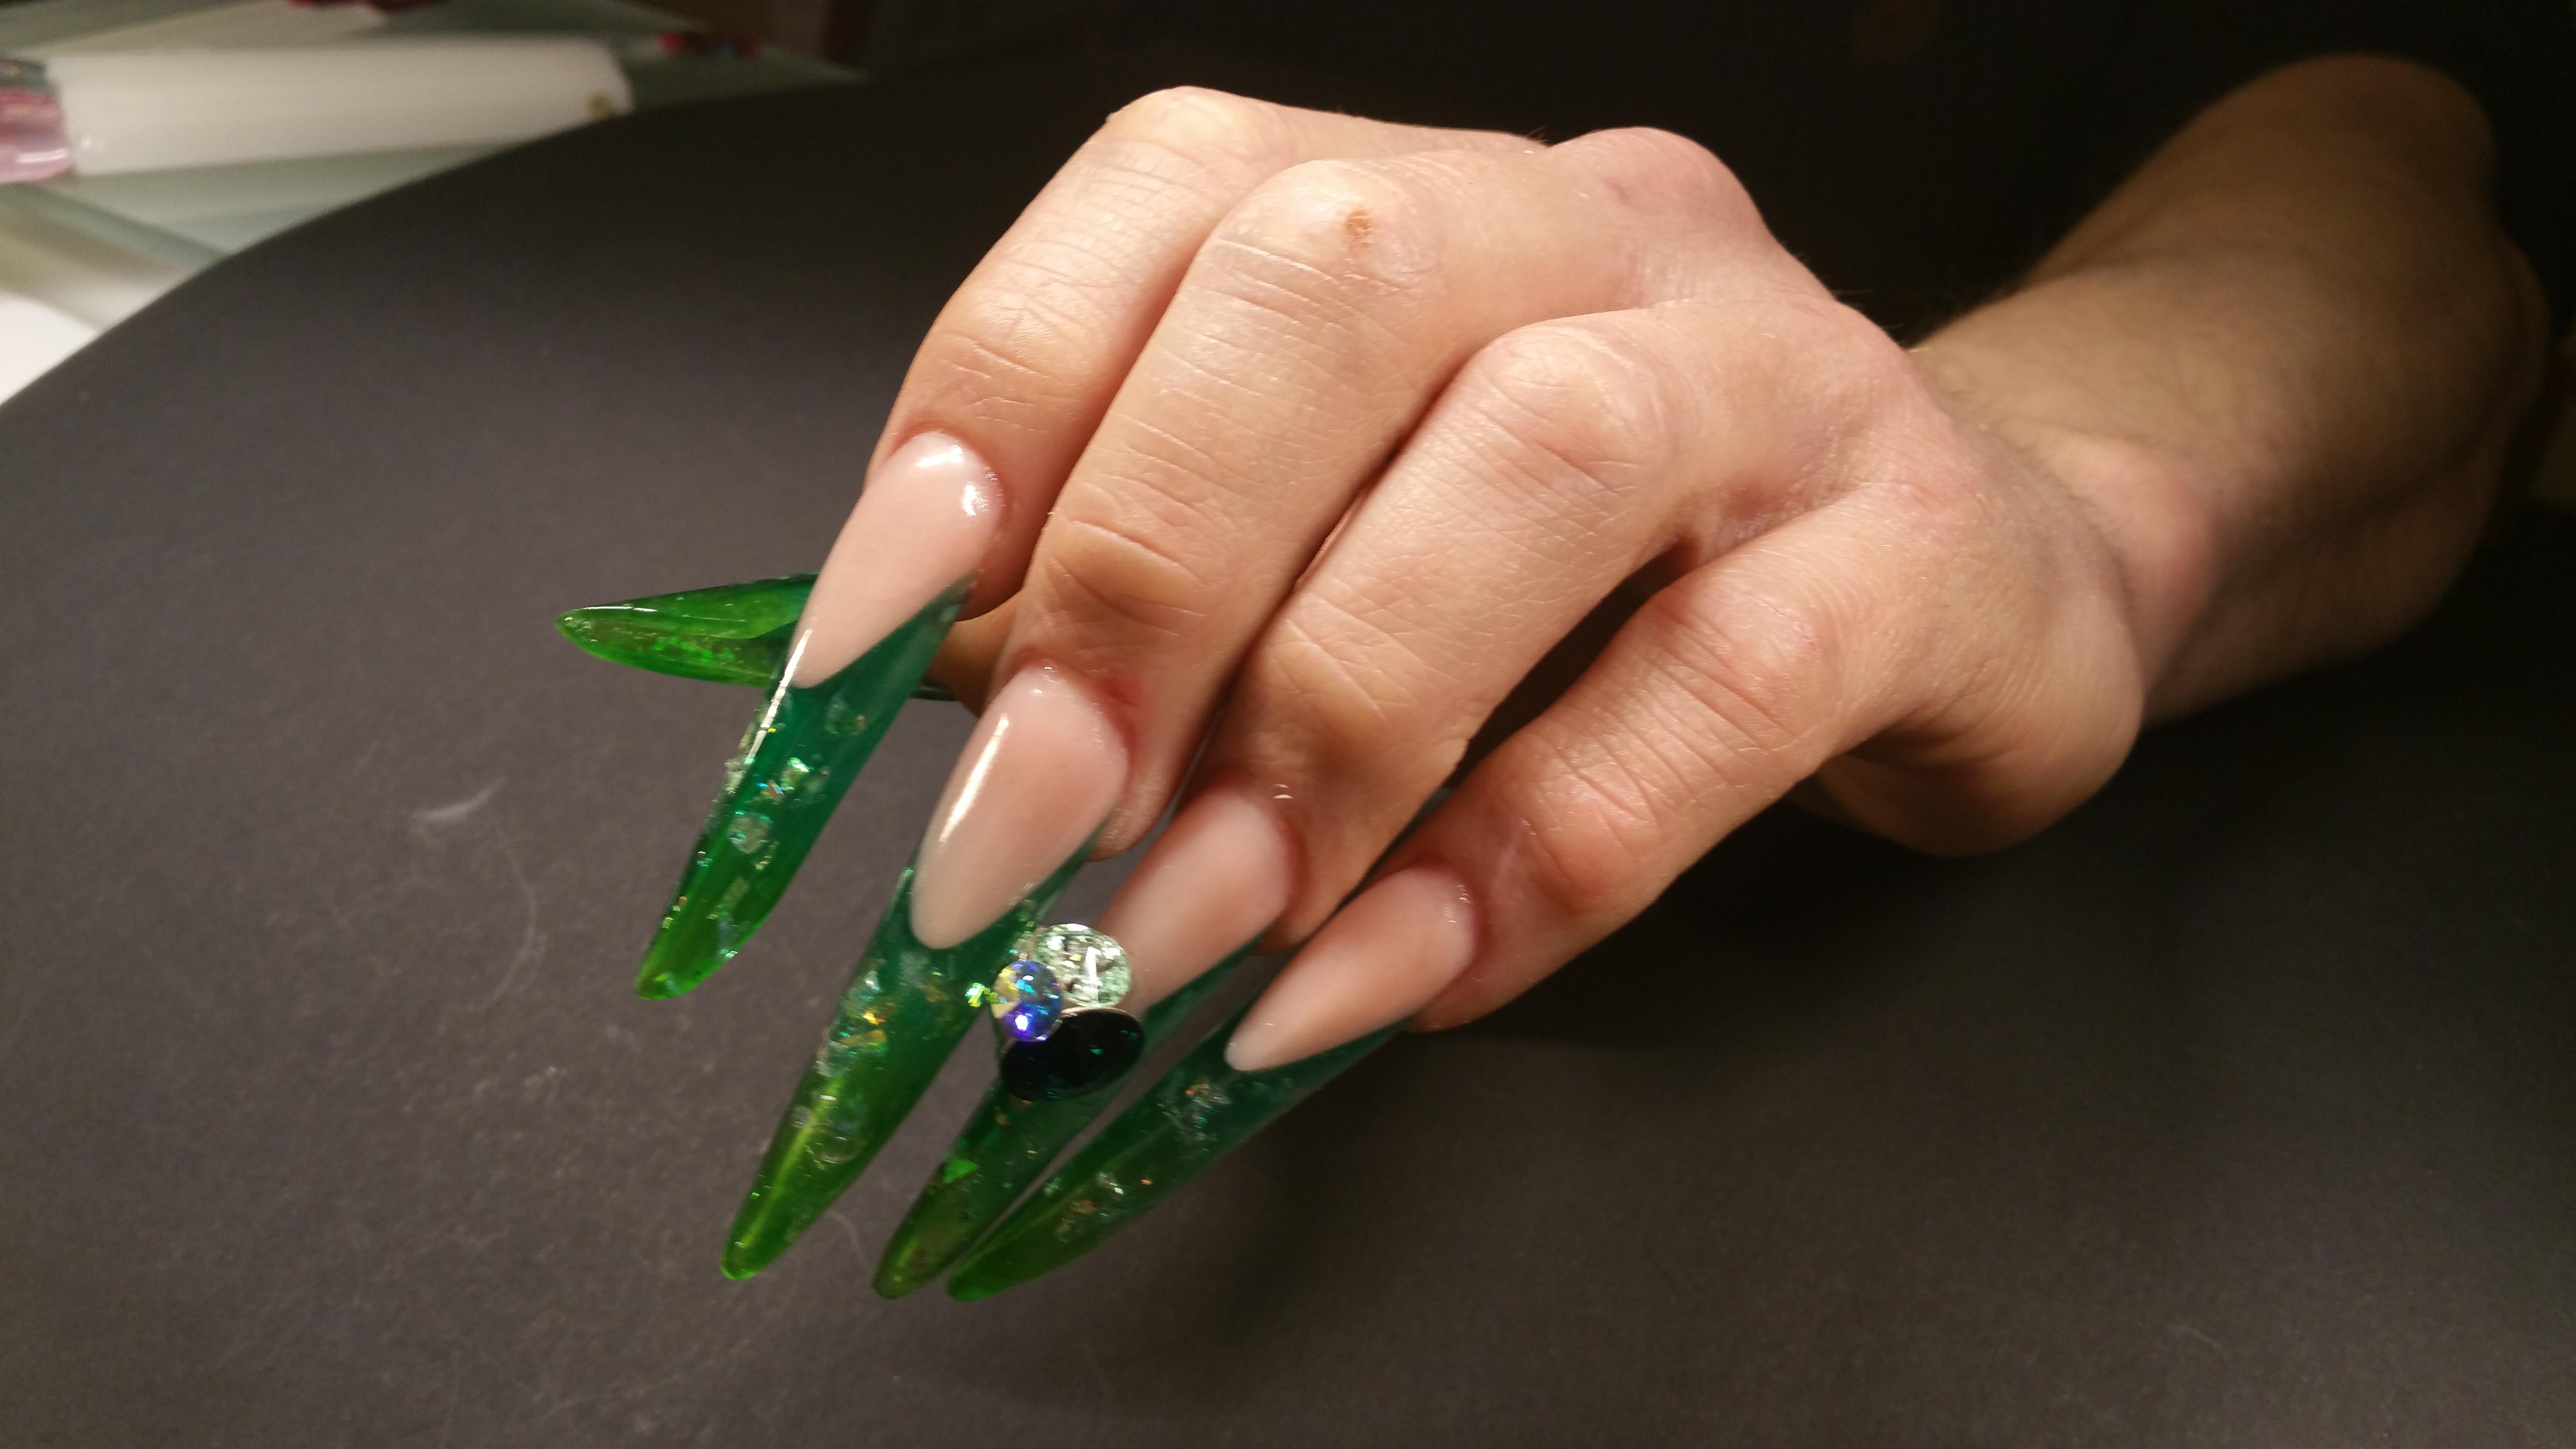 Nagelverlängerung über Schablone in Grün